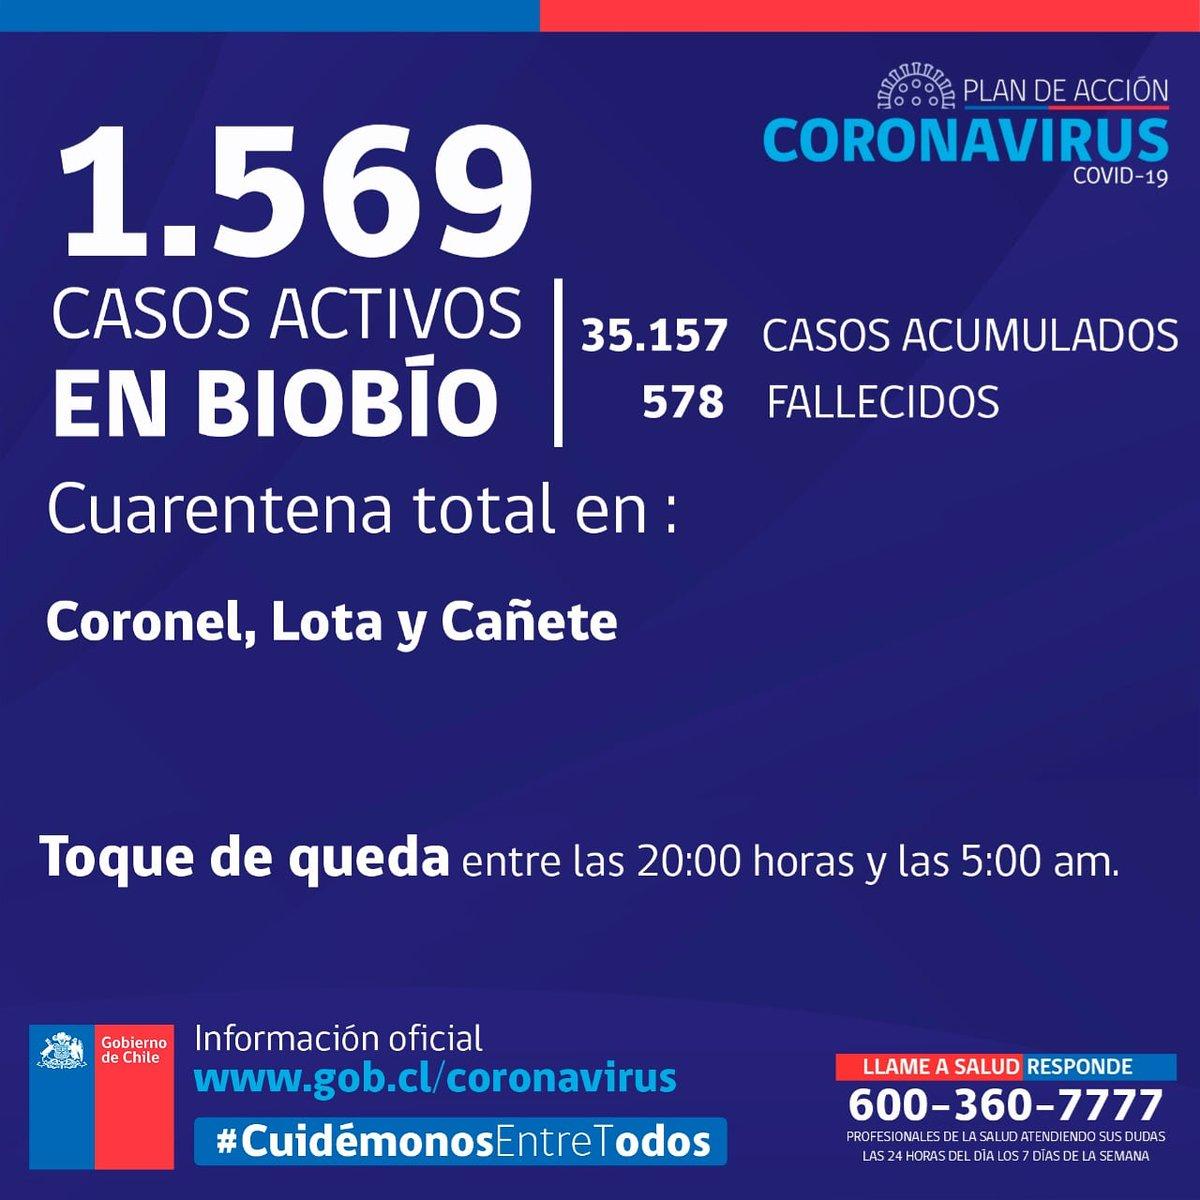 🔴 Según el último reporte del Ministerio de Salud, la Región del #Biobío mantiene 1.569 casos activos de #Covid19 y 578 fallecidos.  #CuidémonosEntreTodos